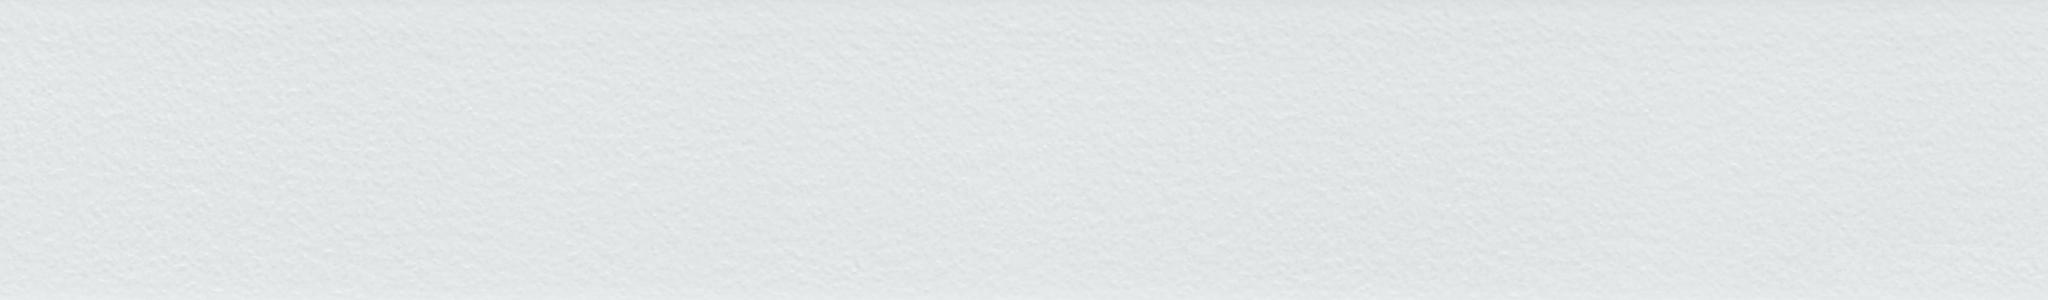 HU 17014 ABS Kante Grau perl XG